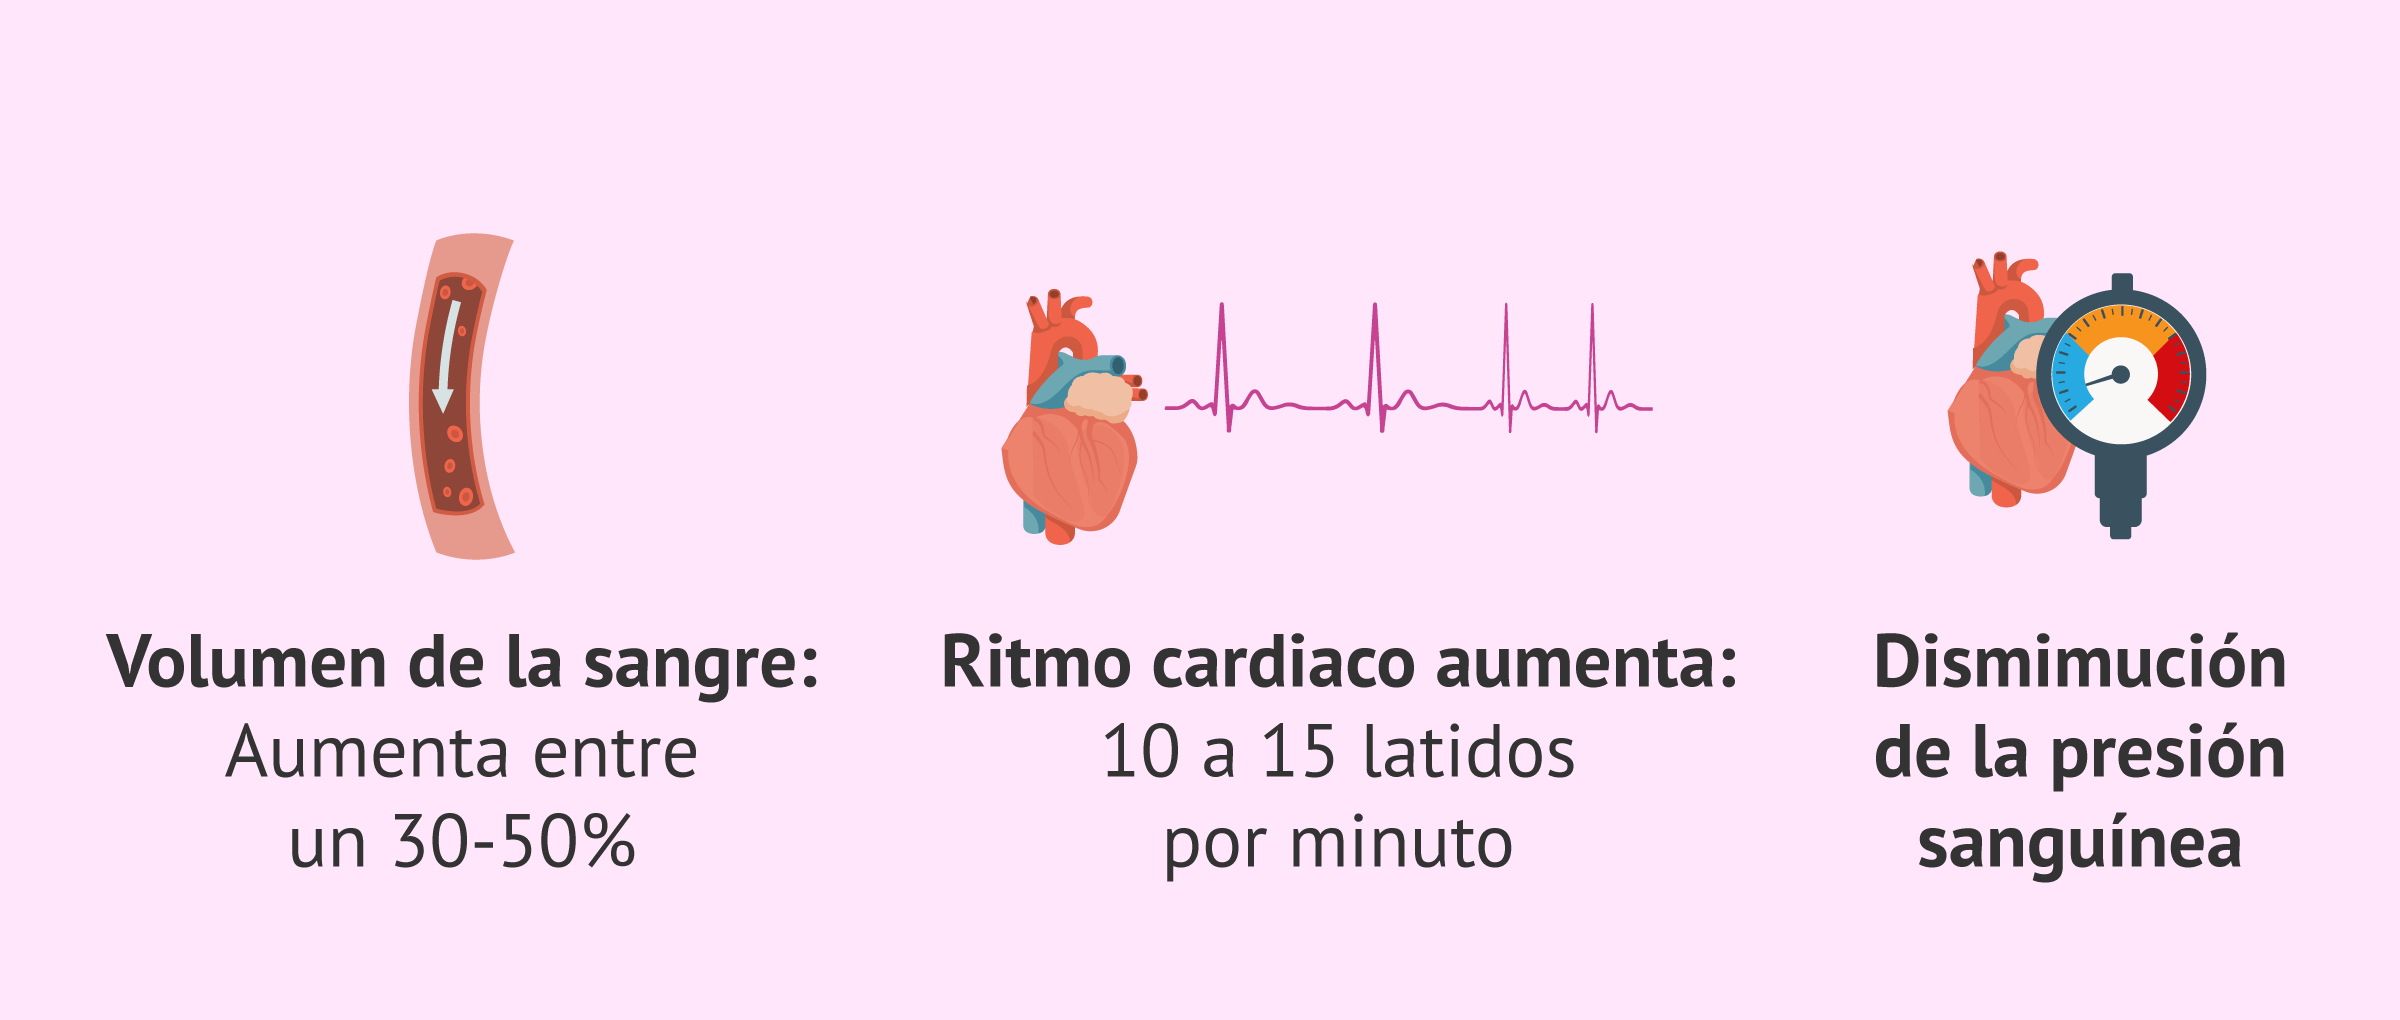 Cambios a tener en cuenta en enfermedades cardiovasculares